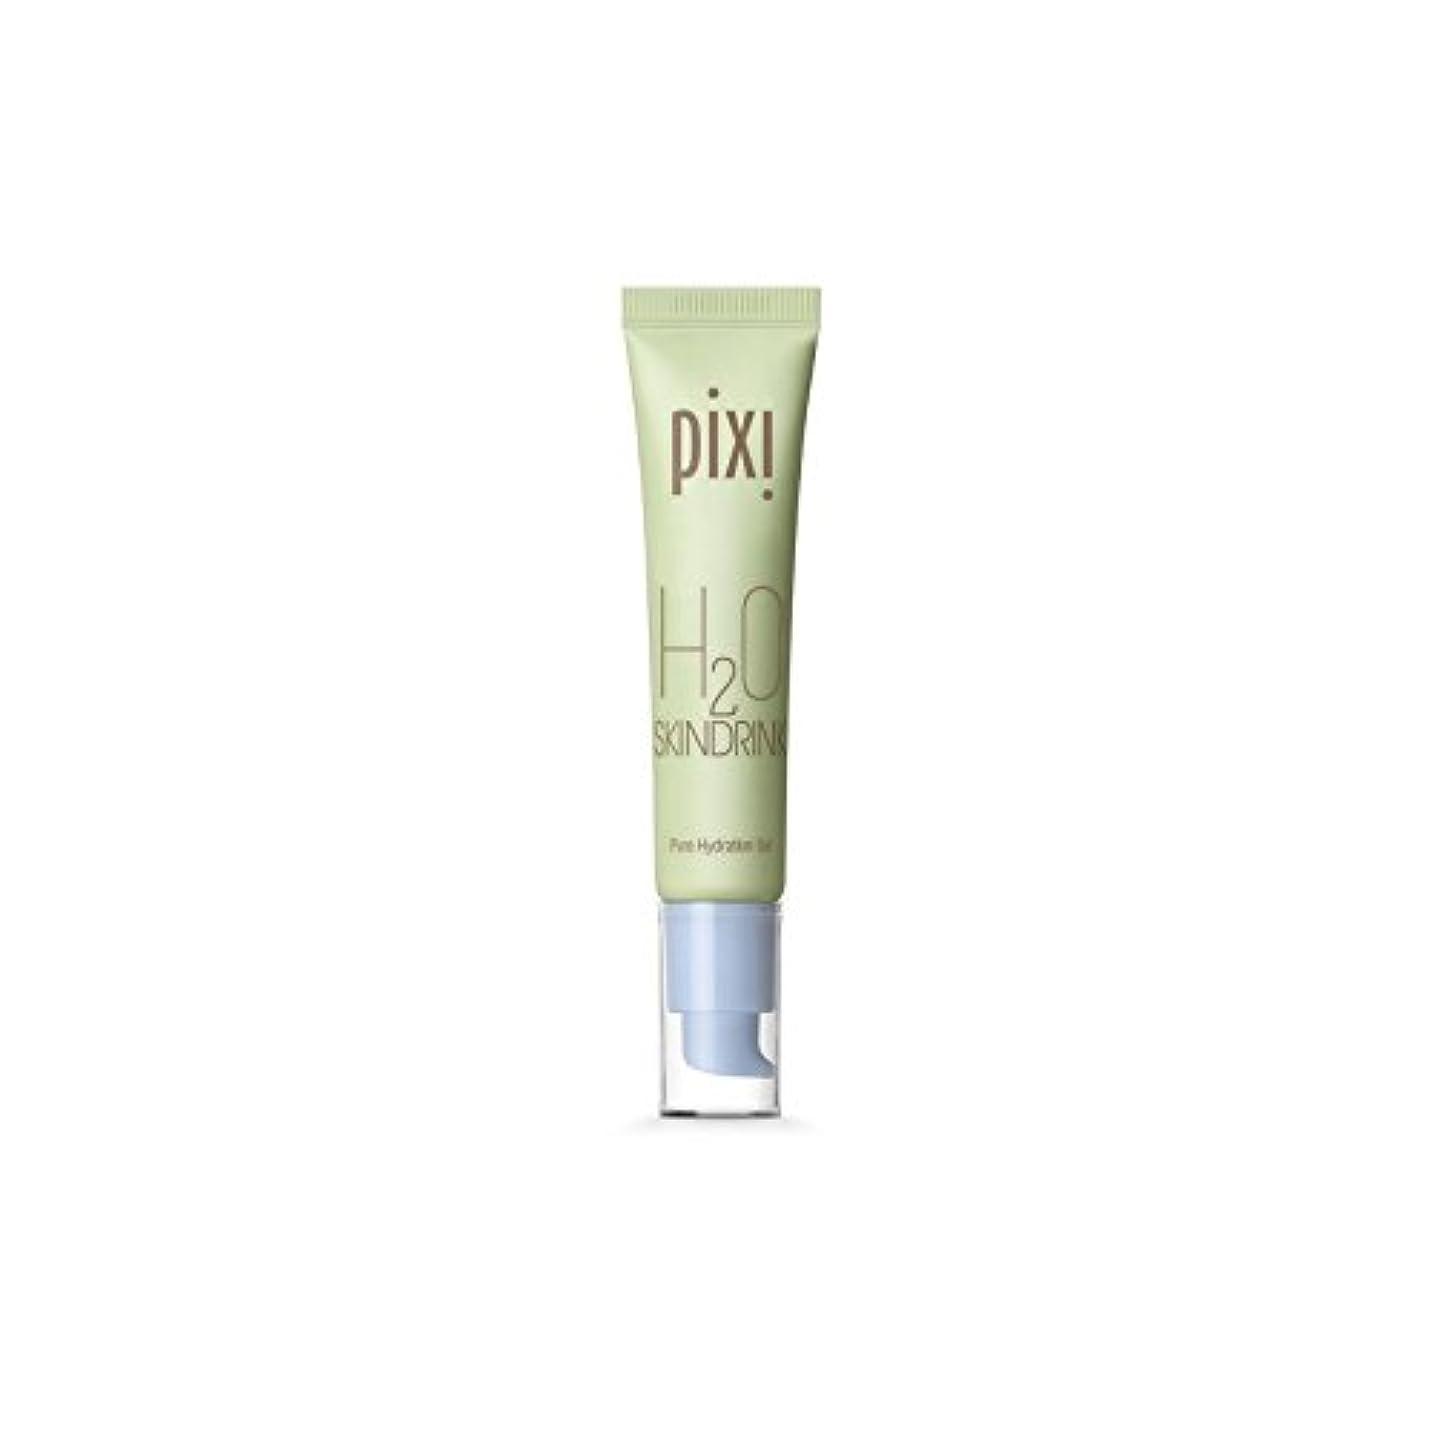 護衛インセンティブくつろぐ20スキンドリンク x2 - Pixi H20 Skin Drink (Pack of 2) [並行輸入品]